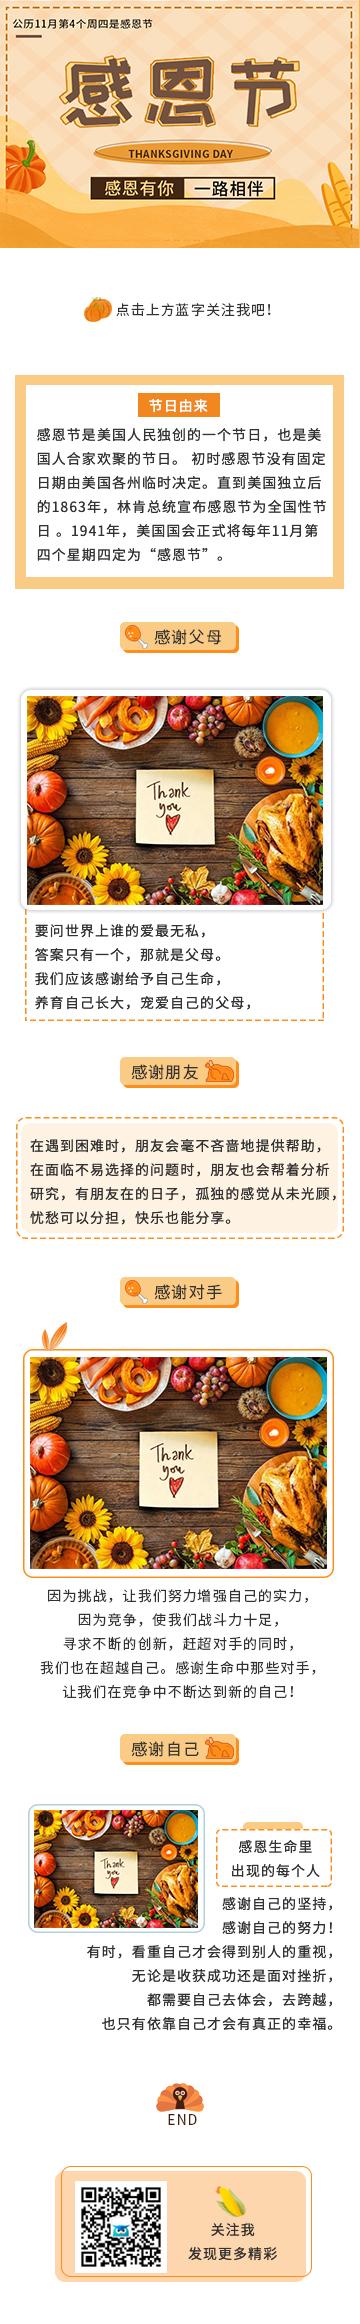 微信公众号感恩节排版样式(感恩节排版方法指南)